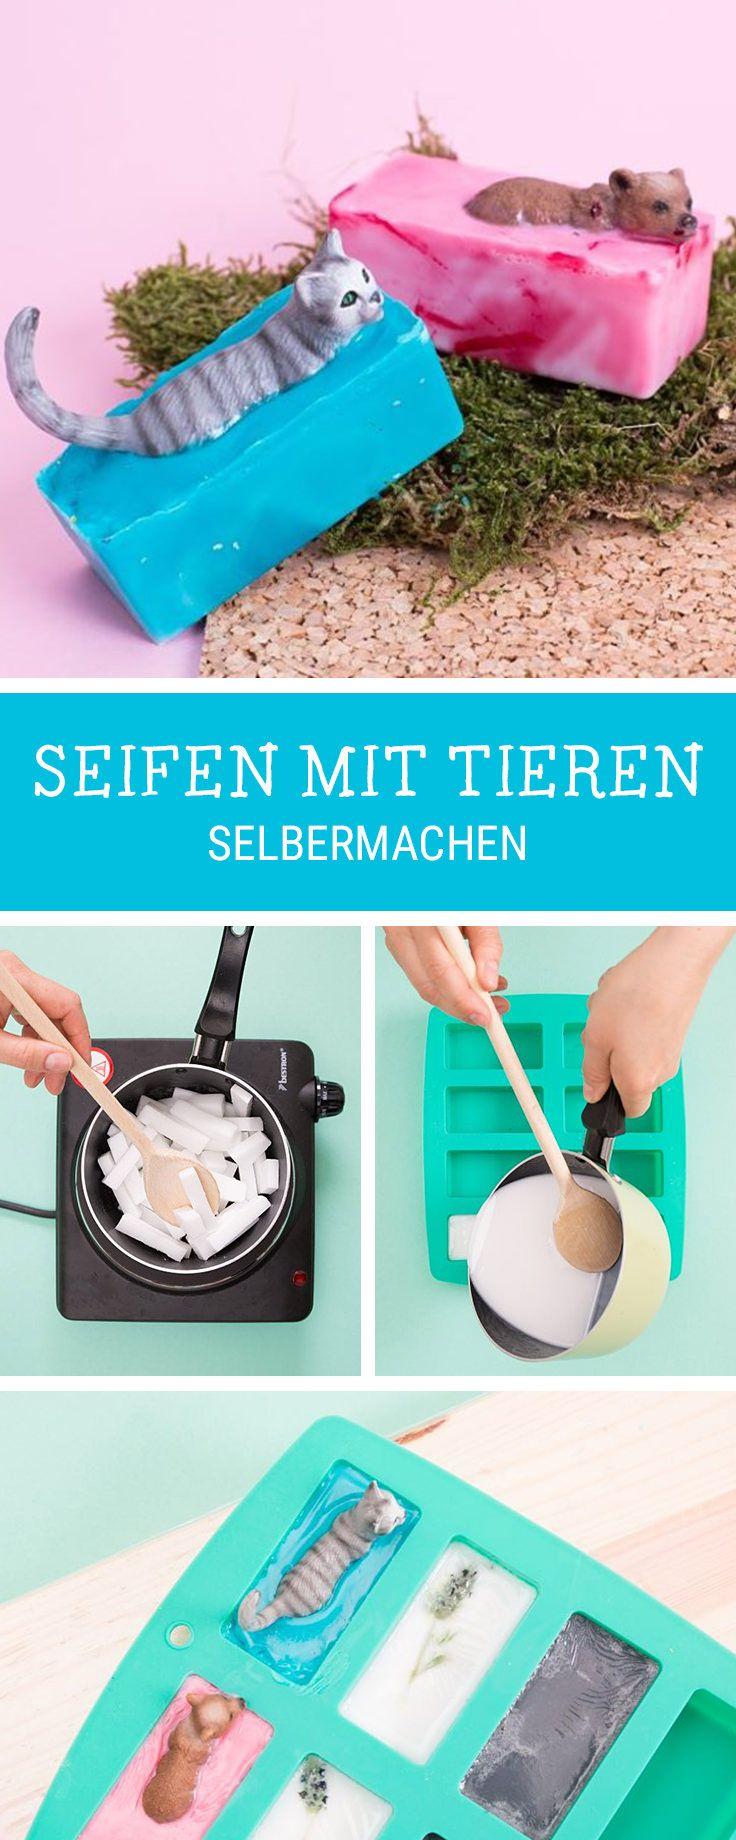 DIY-Idee fürs Basteln mit Kindern: Seife mit Tieren selber machen / crafting with kids: homemade soap with plastic animals via DaWanda.com